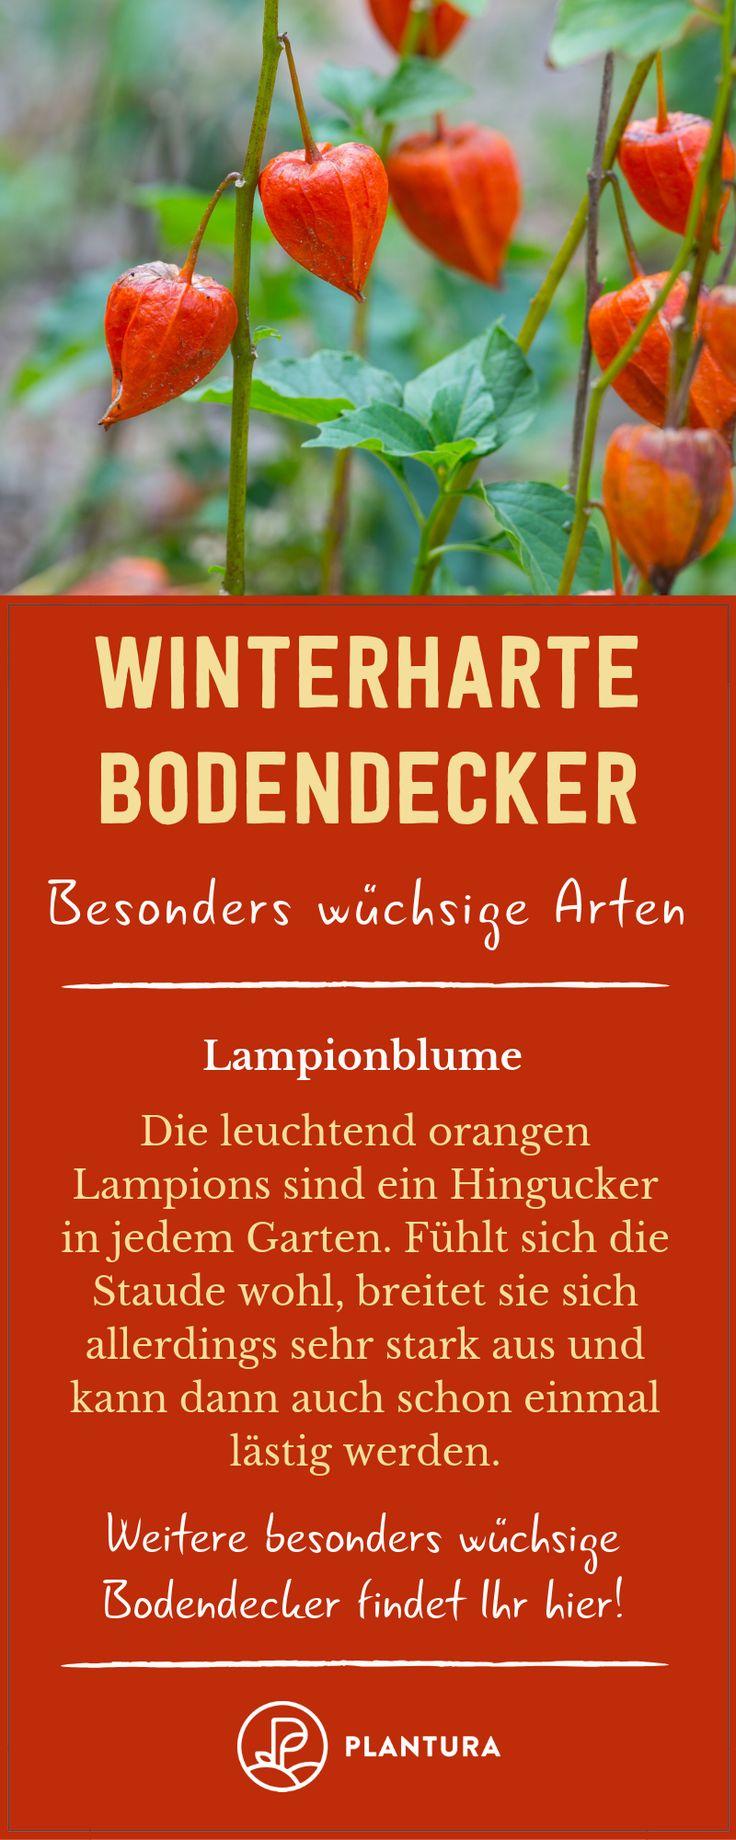 Winterharte Bodendecker: Robuste, schöne & wüchsige Sorten – Plantura Artikel